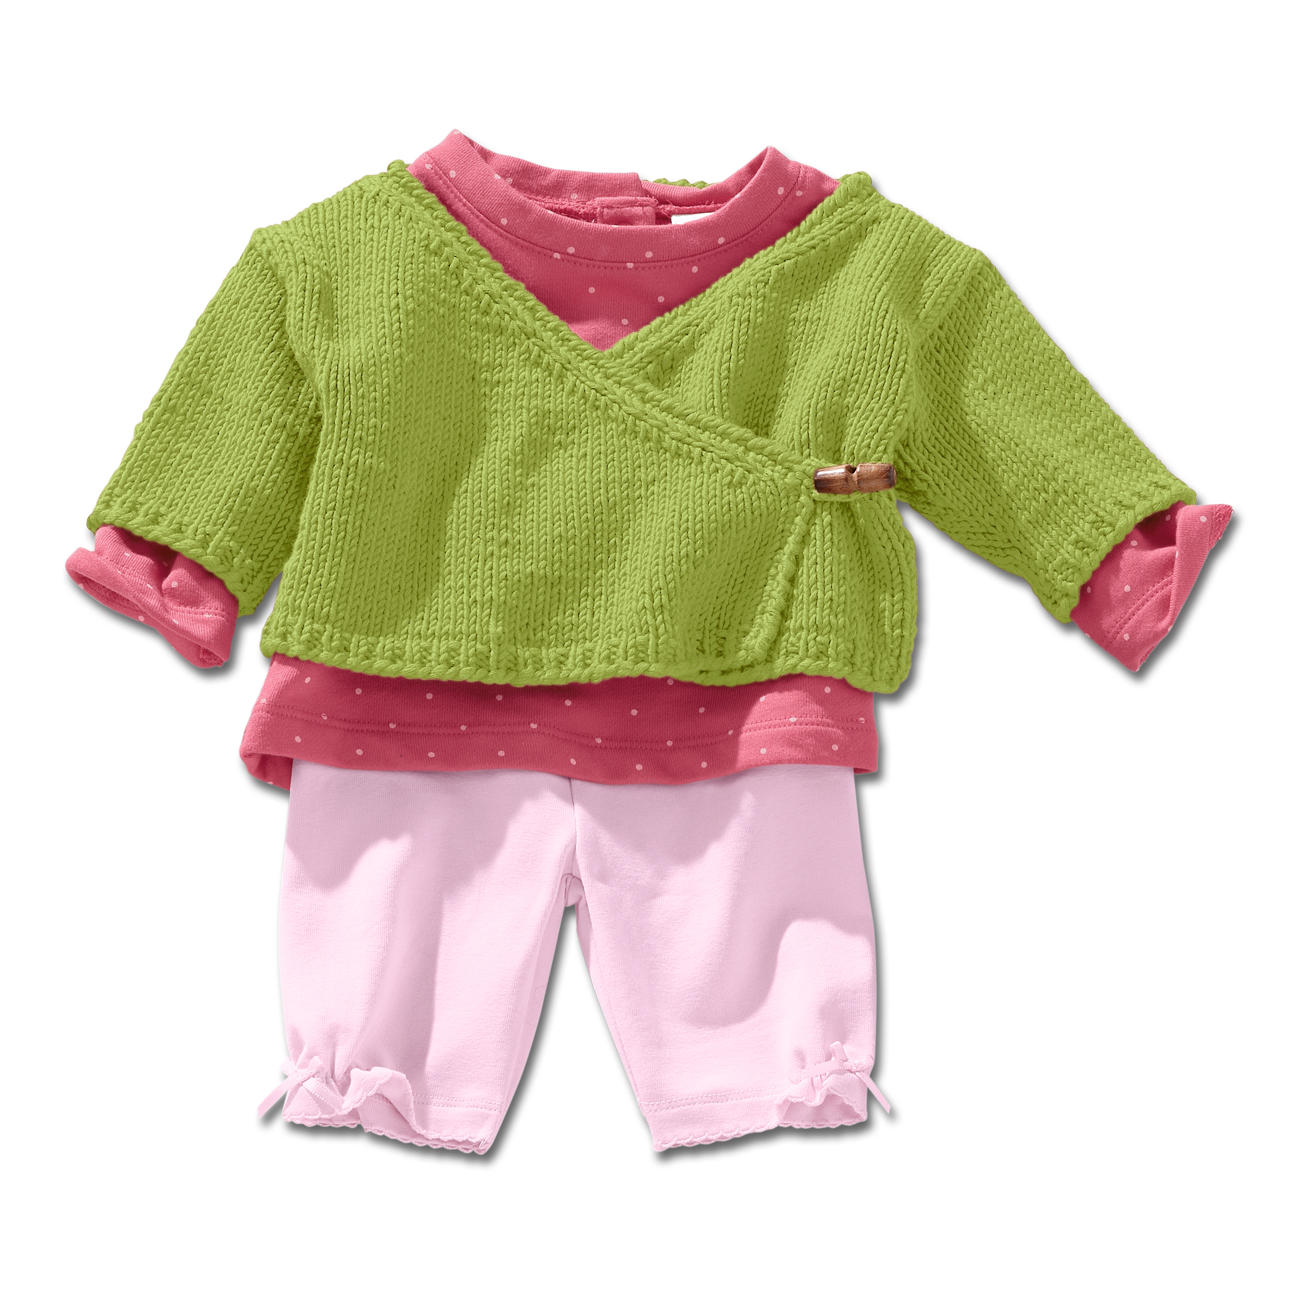 Anleitung 3193 Wickeljacke Aus Merino Cotton Von Junghans Wolle 1